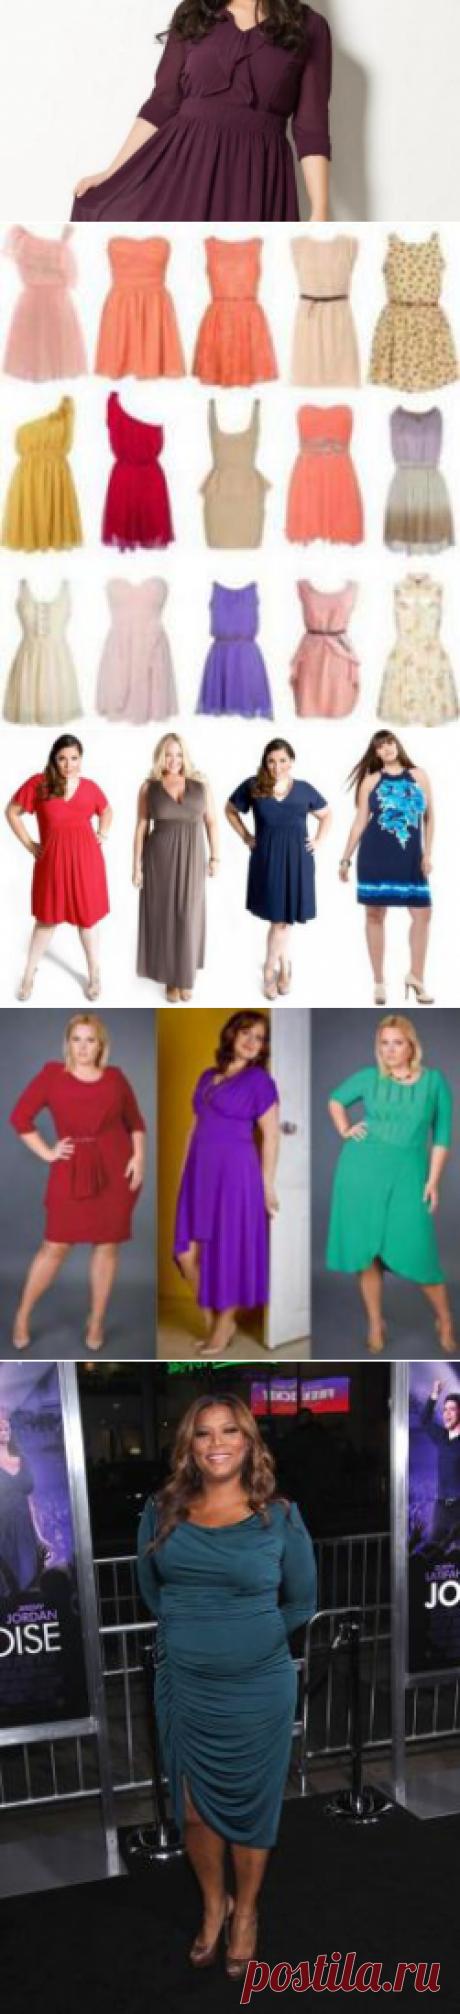 Купить повседневное платье | Дизайн и отделка